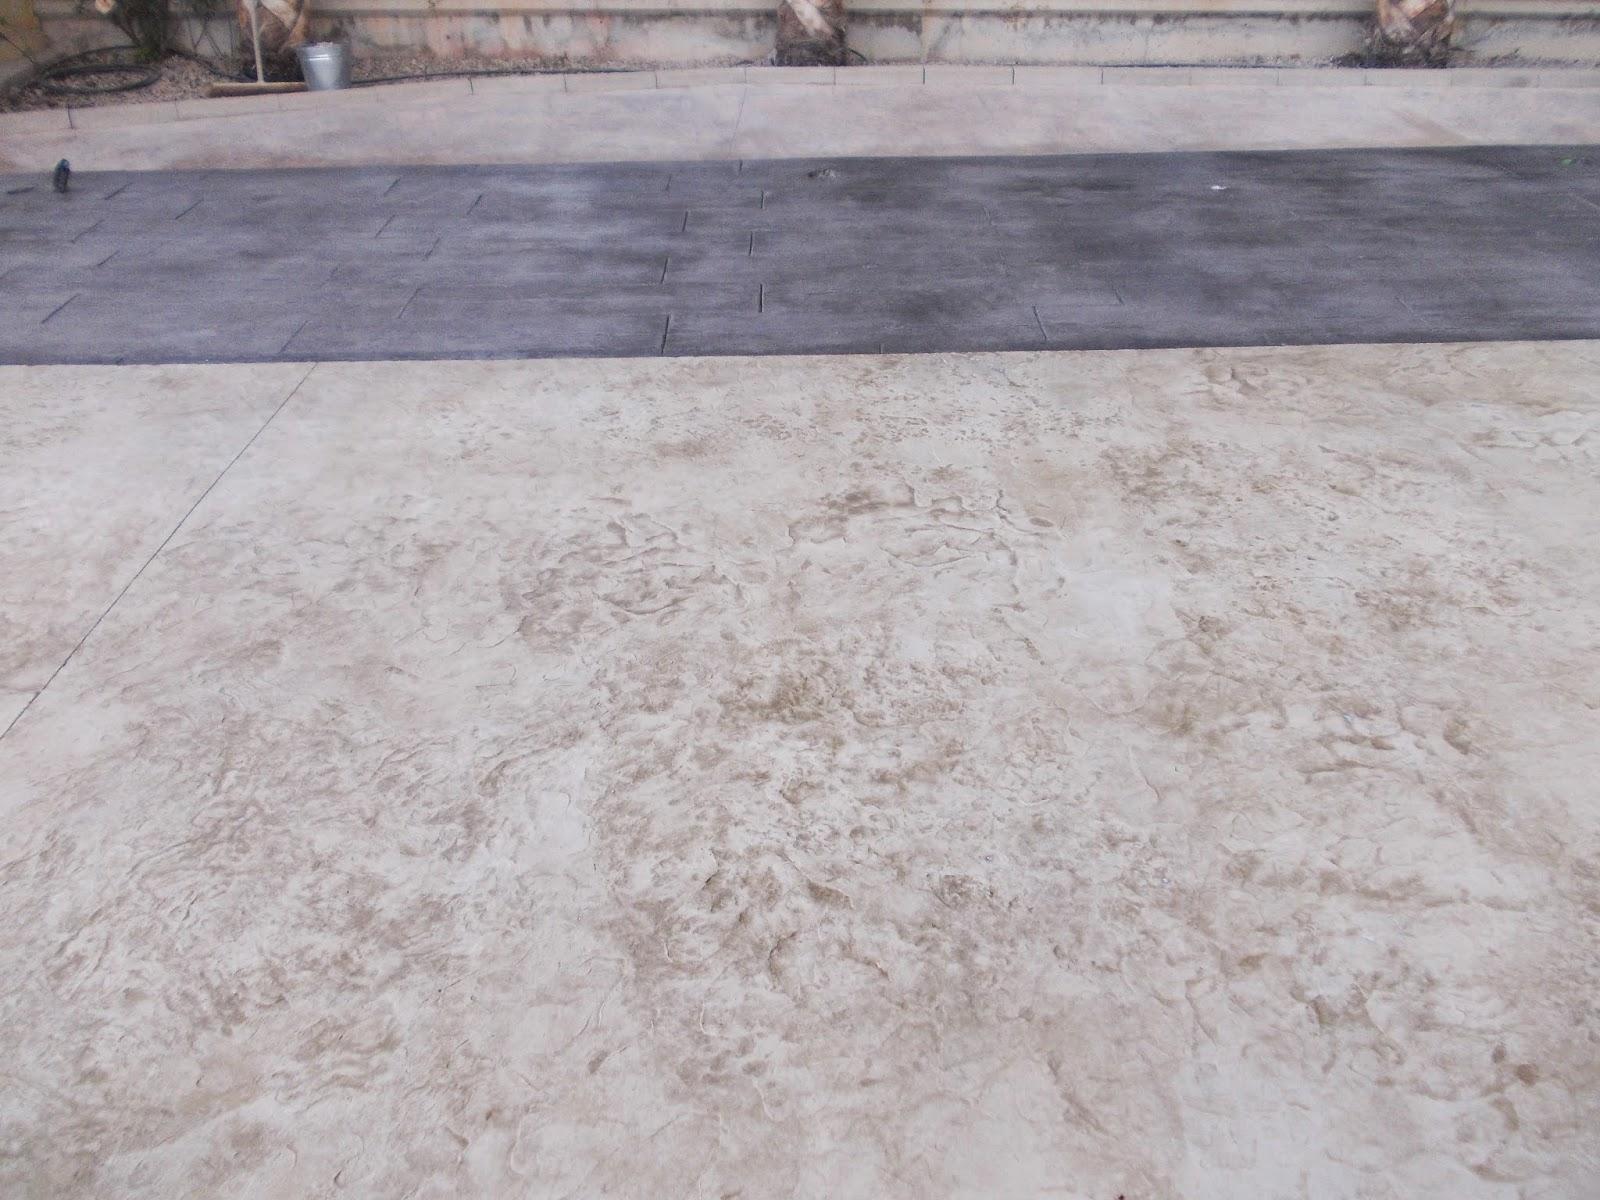 Piedra coronaci n de piscina con hormig n impreso for Se hacen piscinas hormigon